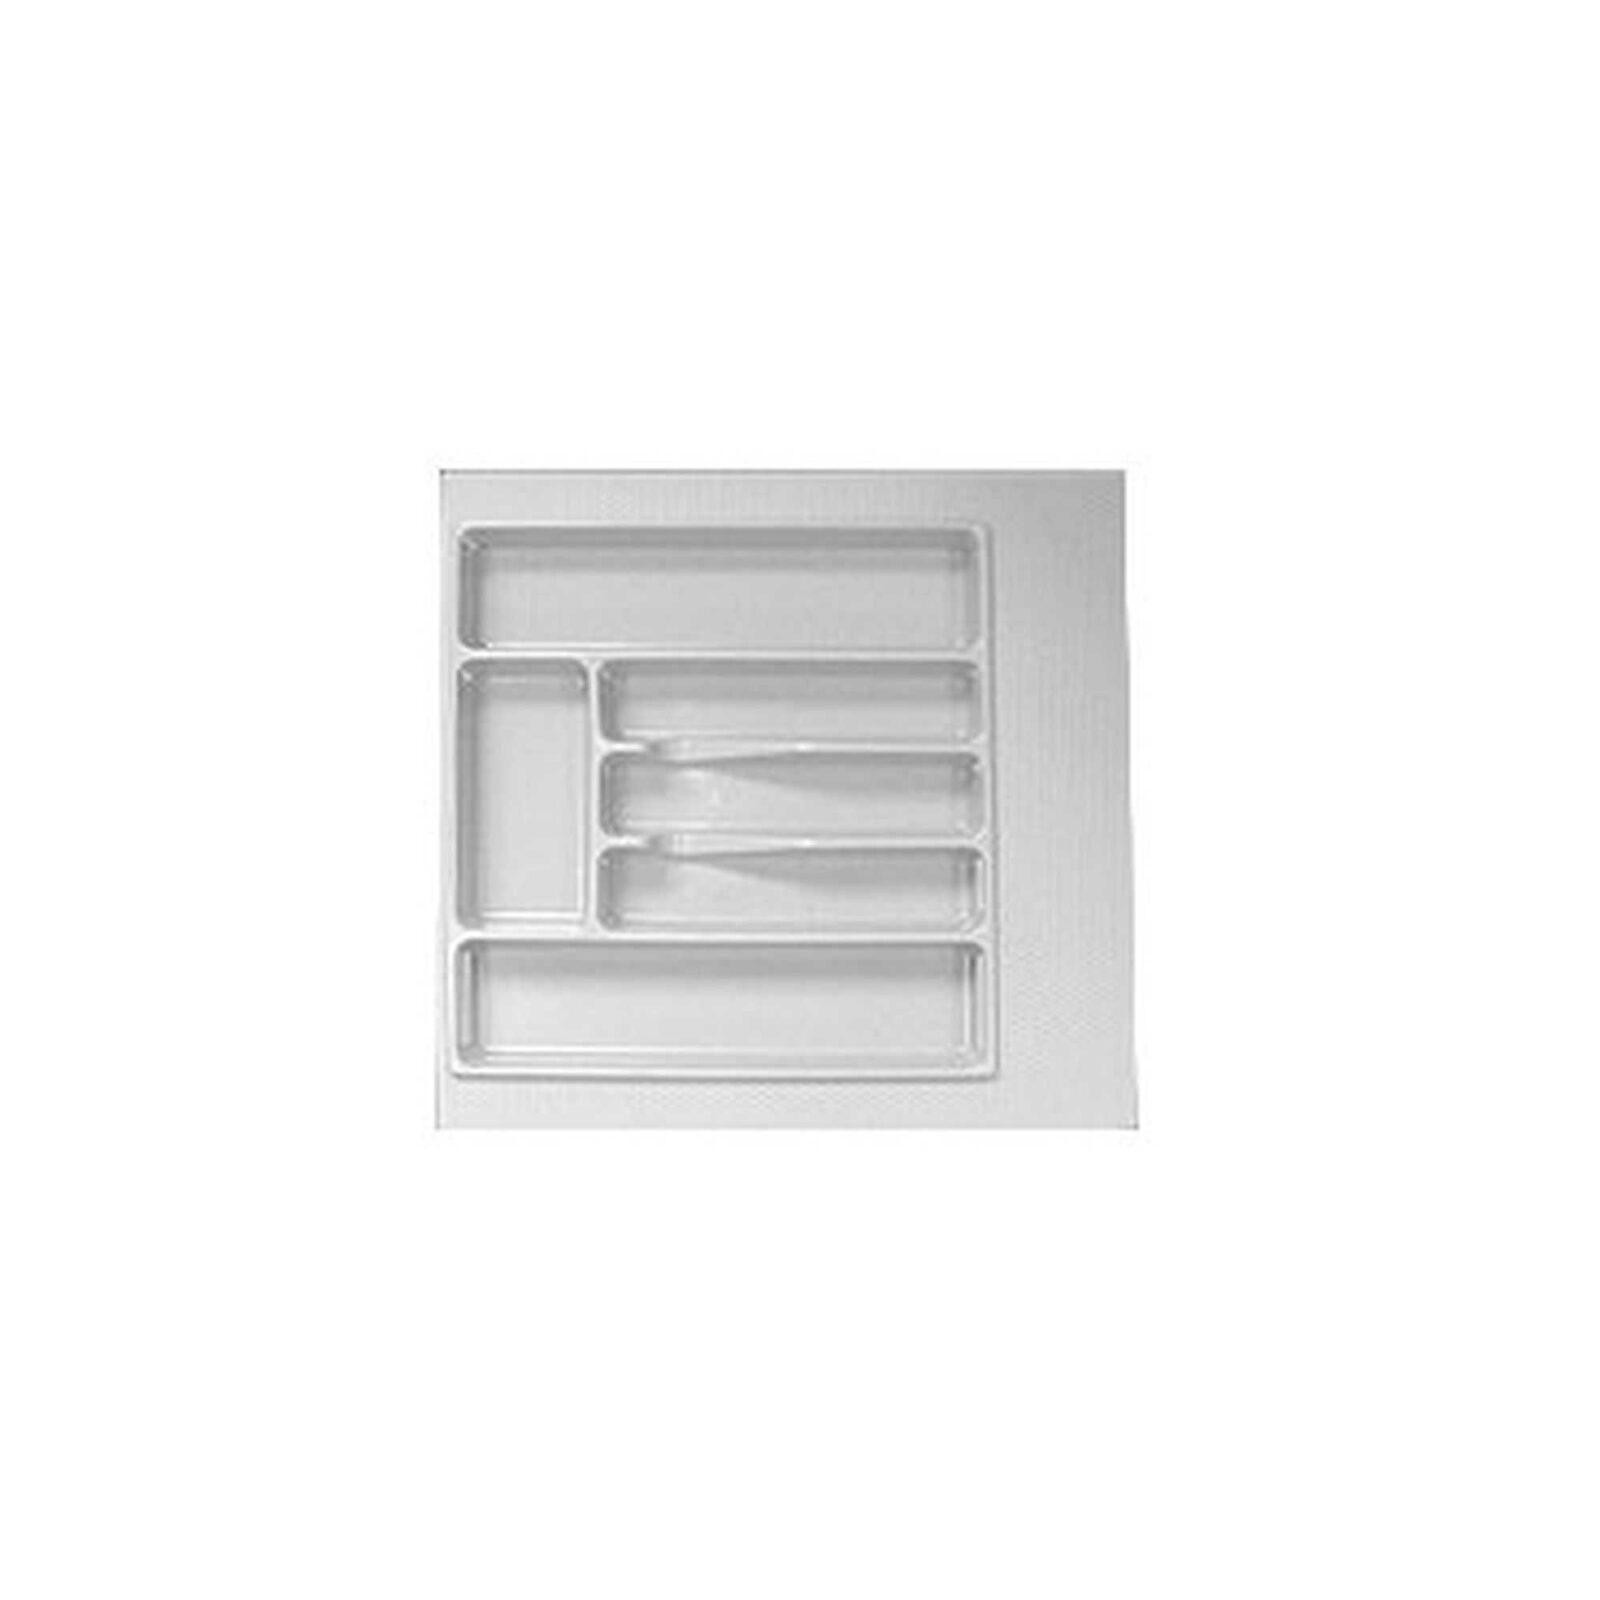 Лоток для столовых приборов М500-550 (470х490) серый